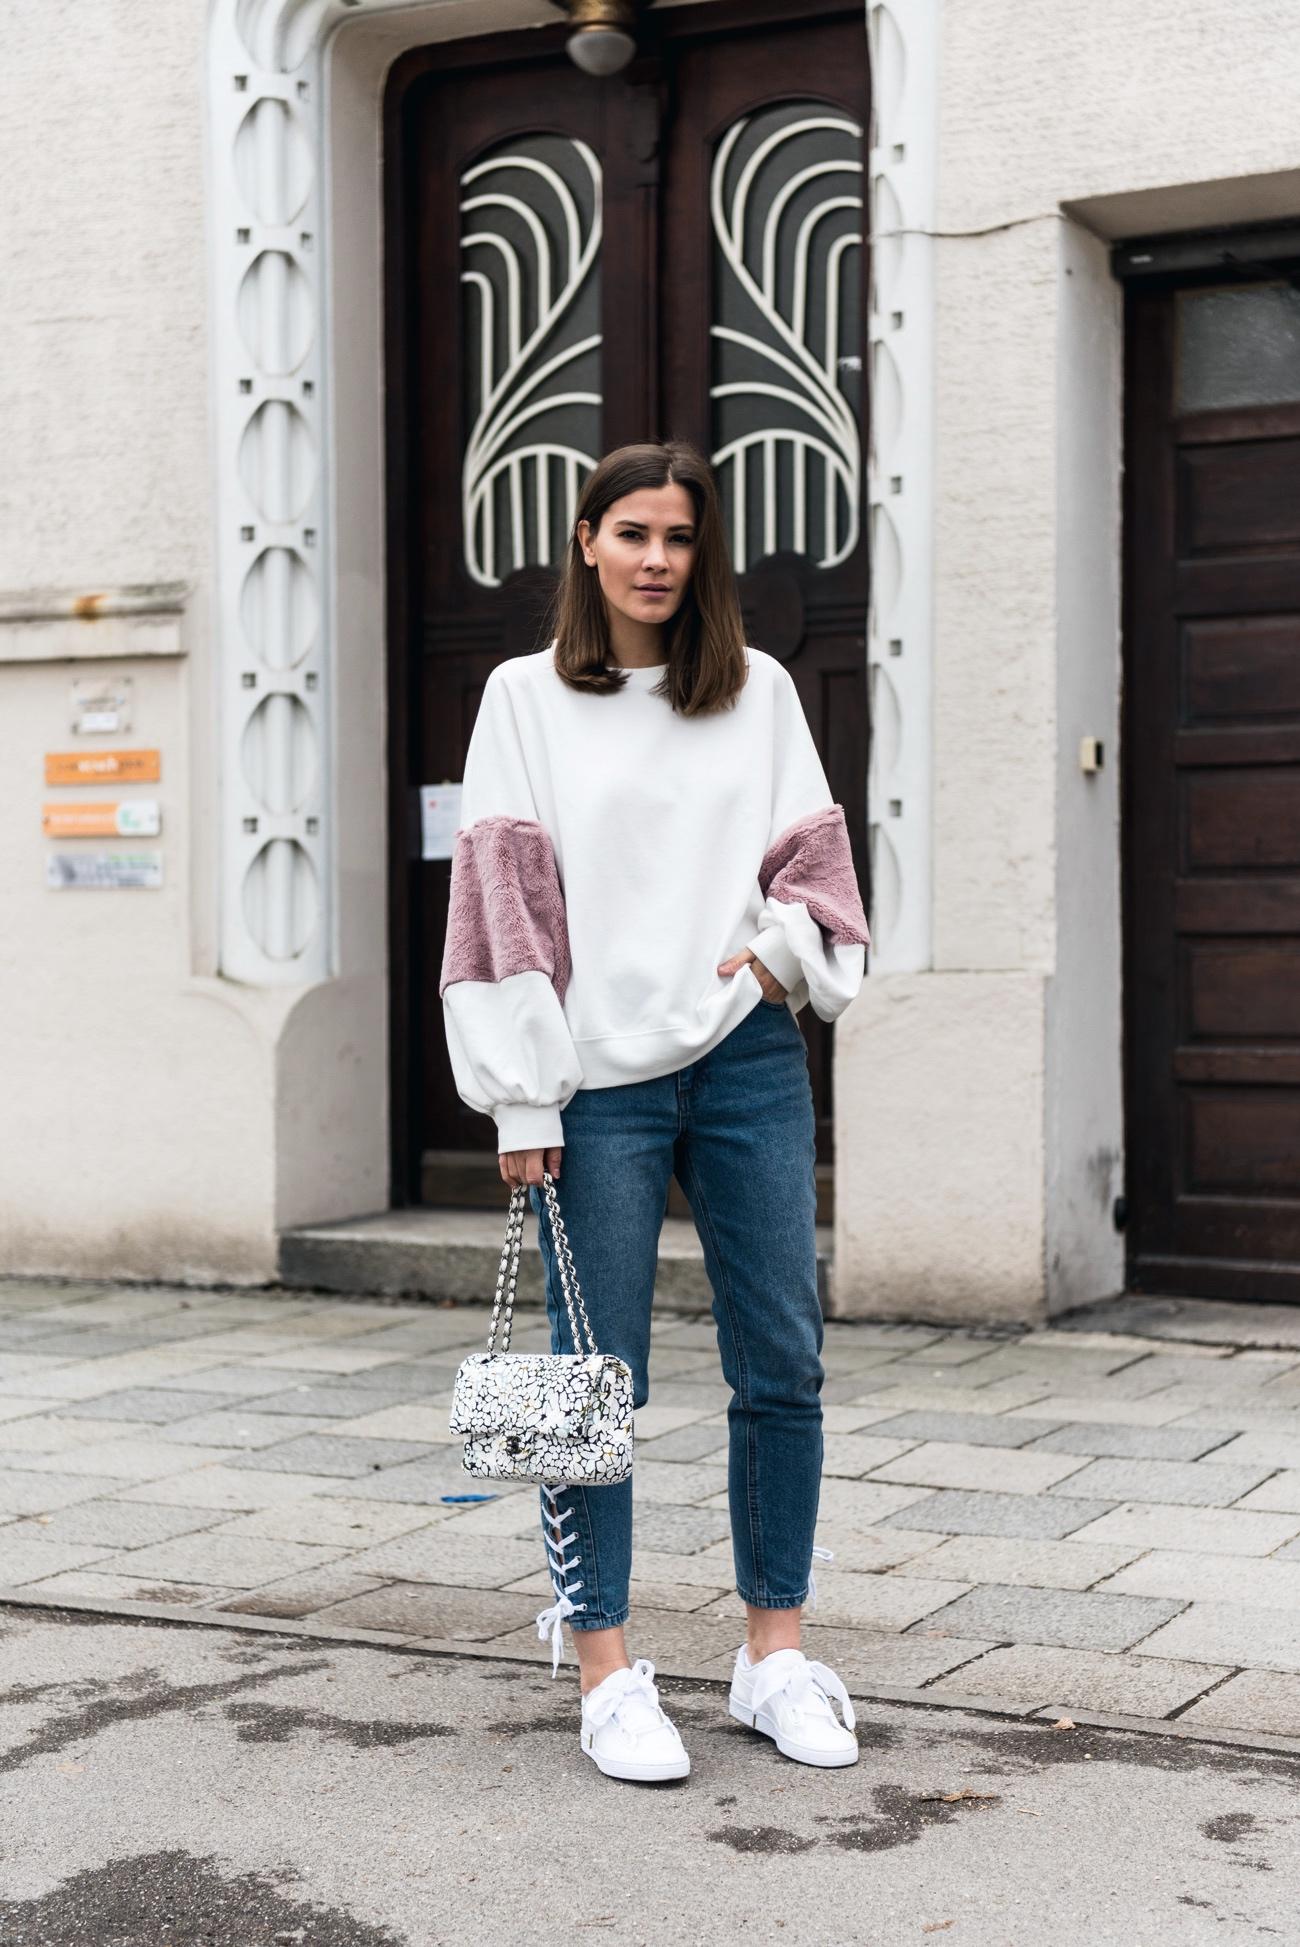 sweatshirt-trend-zara-mit-fell-ärmeln-blogger-style-nina-schwichtenberg-fashiioncarpet